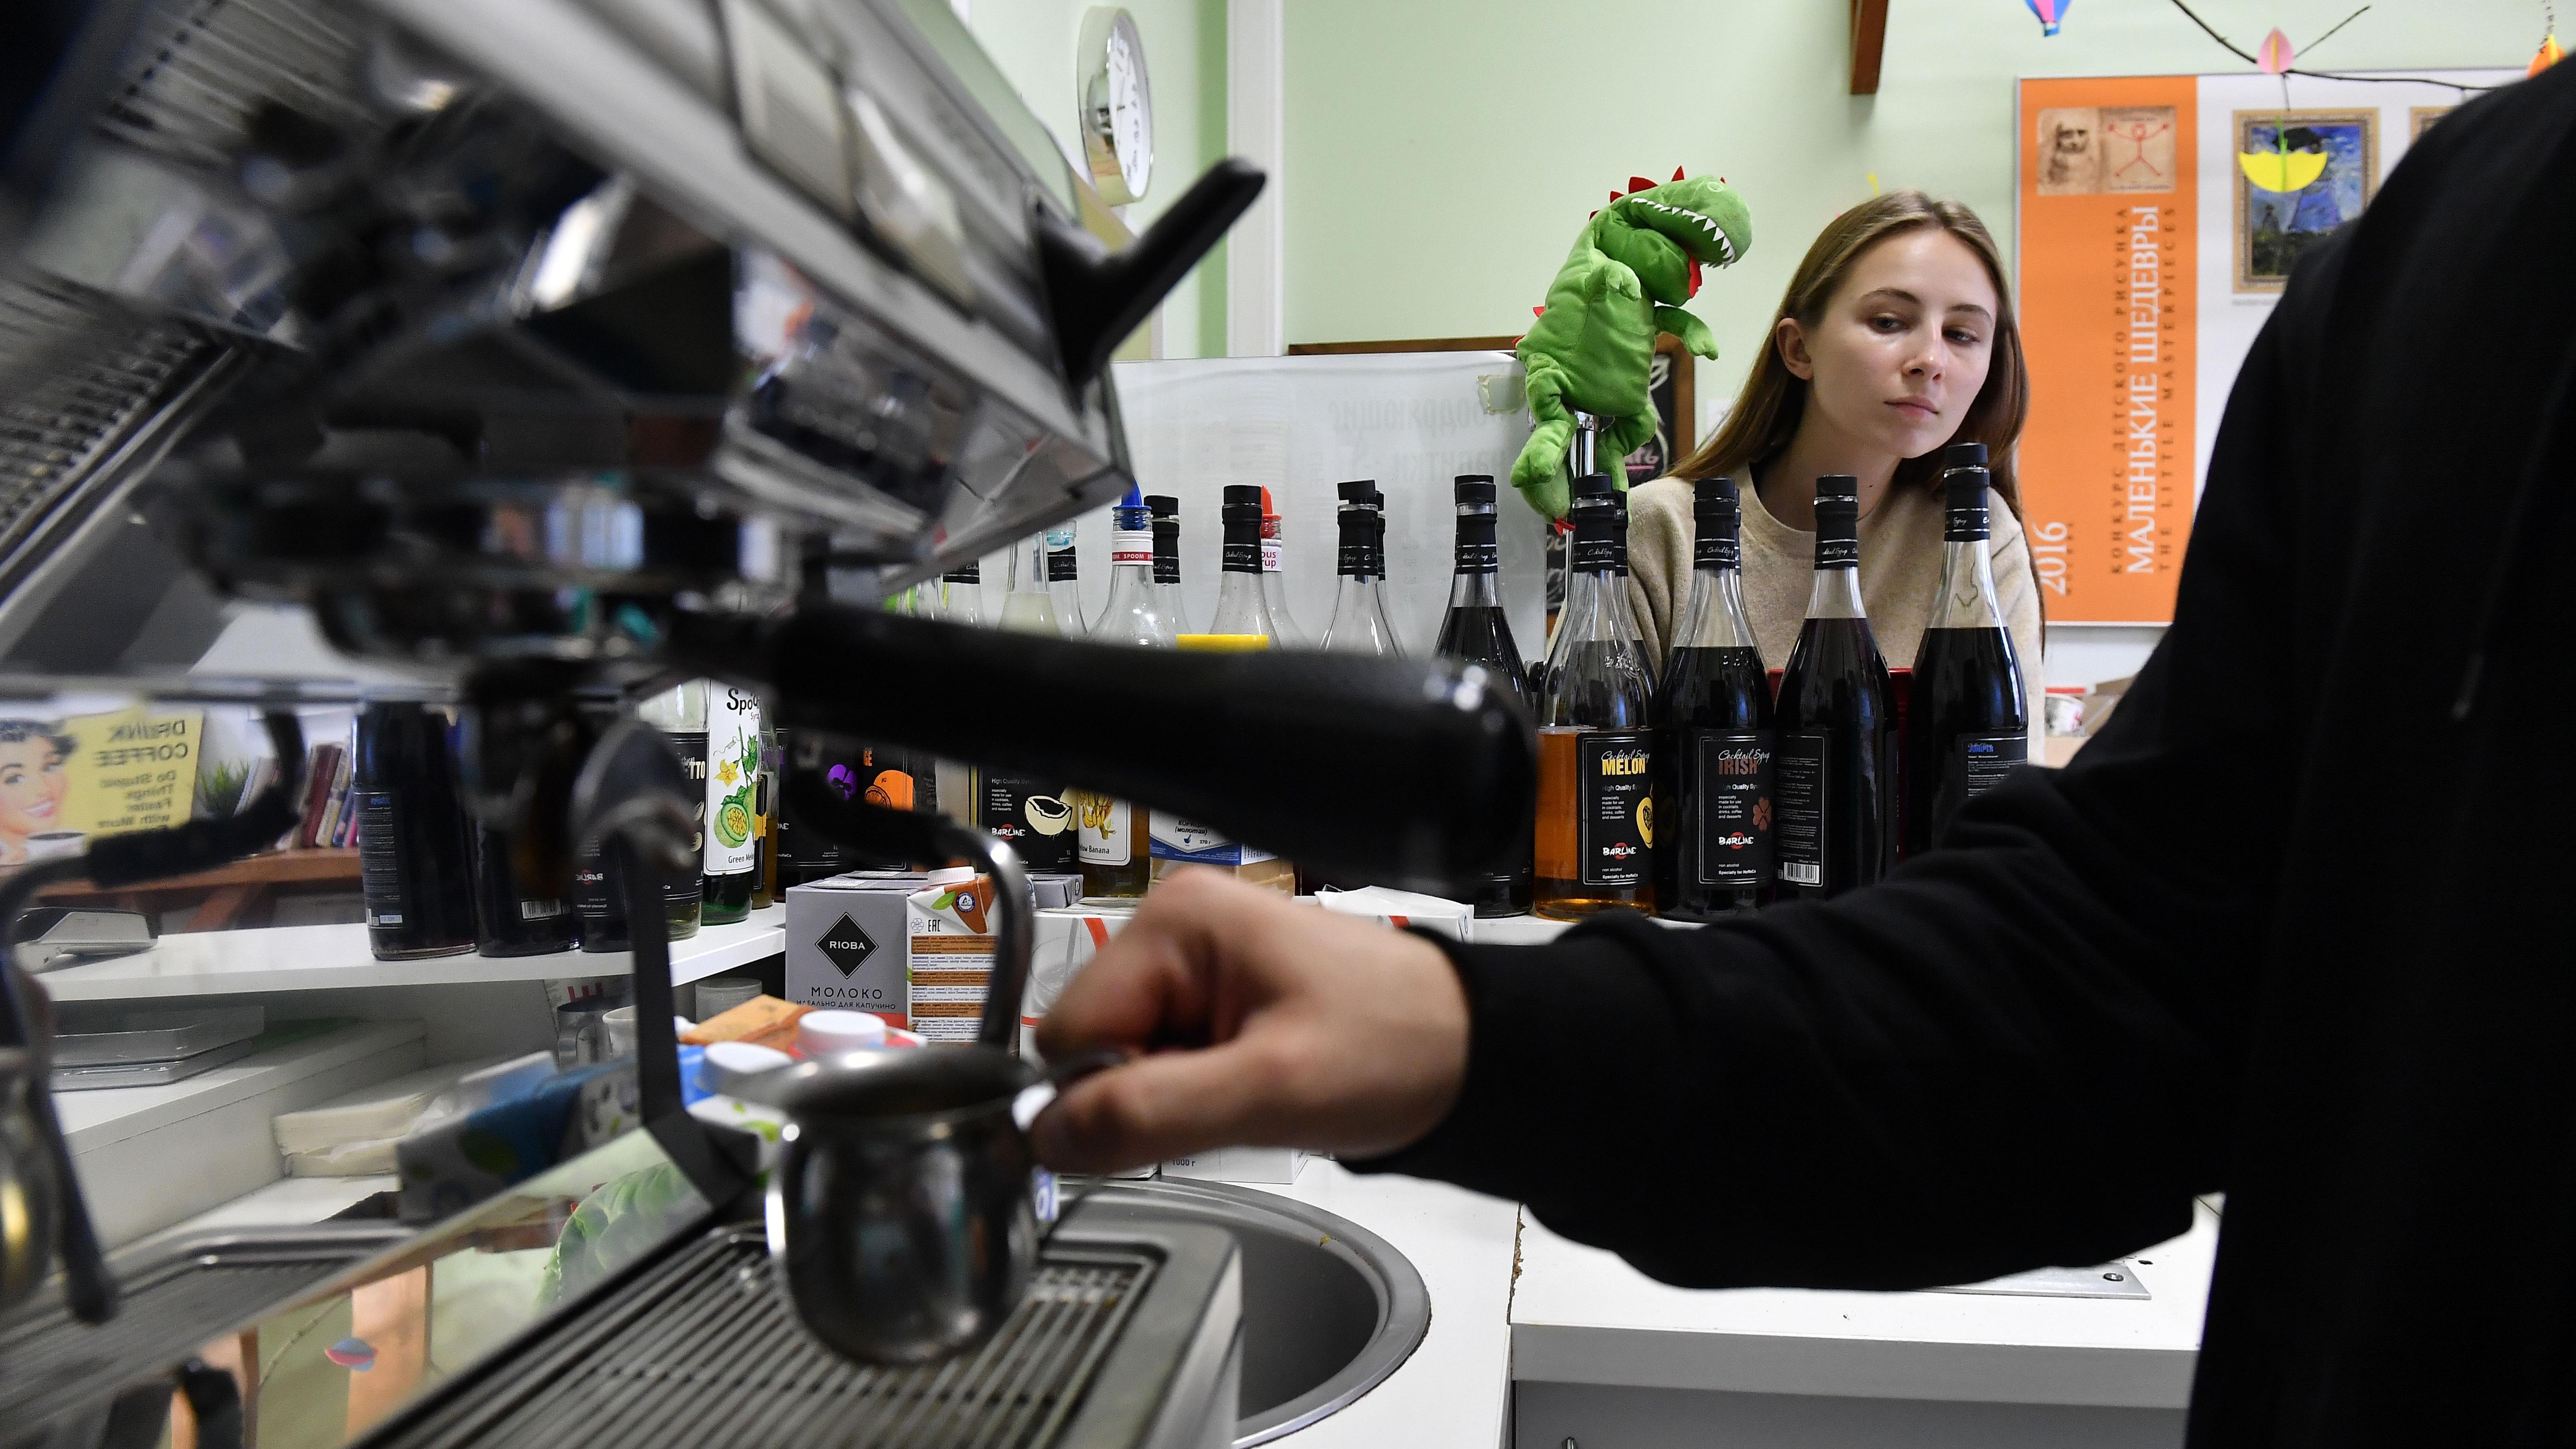 Госдума приняла закон о налоговых каникулах на II квартал для малого и среднего бизнеса